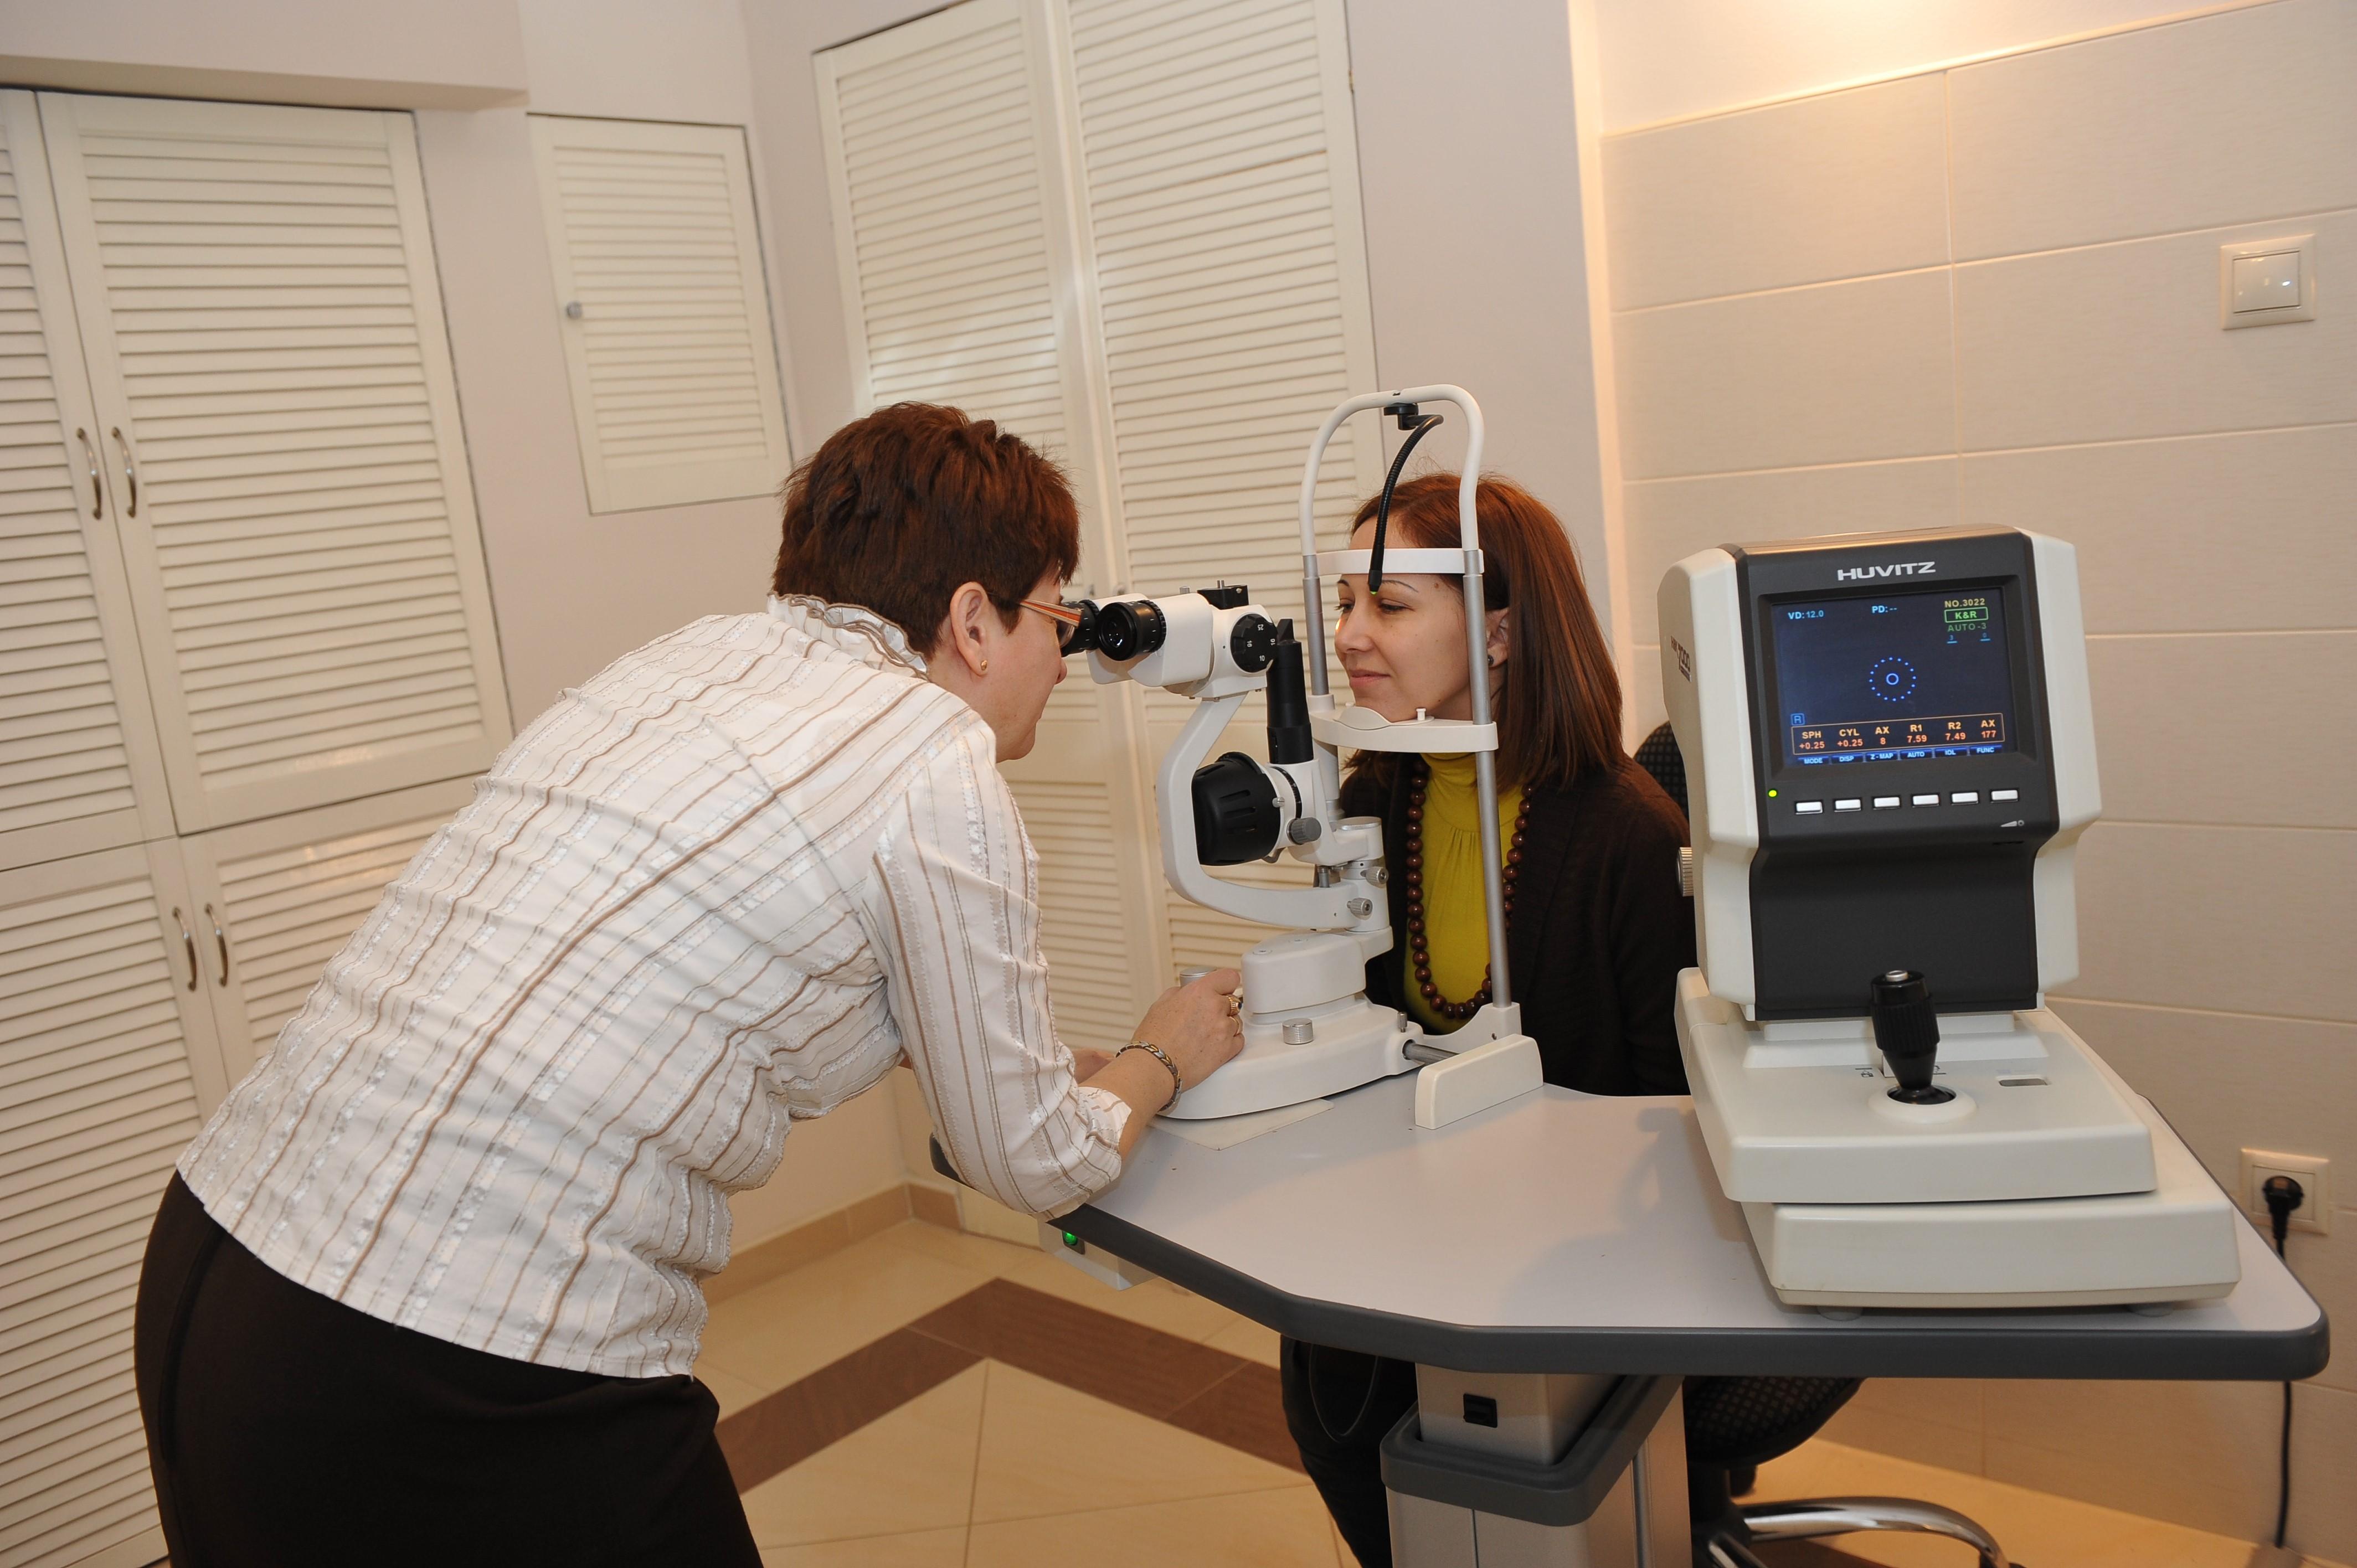 teljesítse az összes látásvizsgálatot